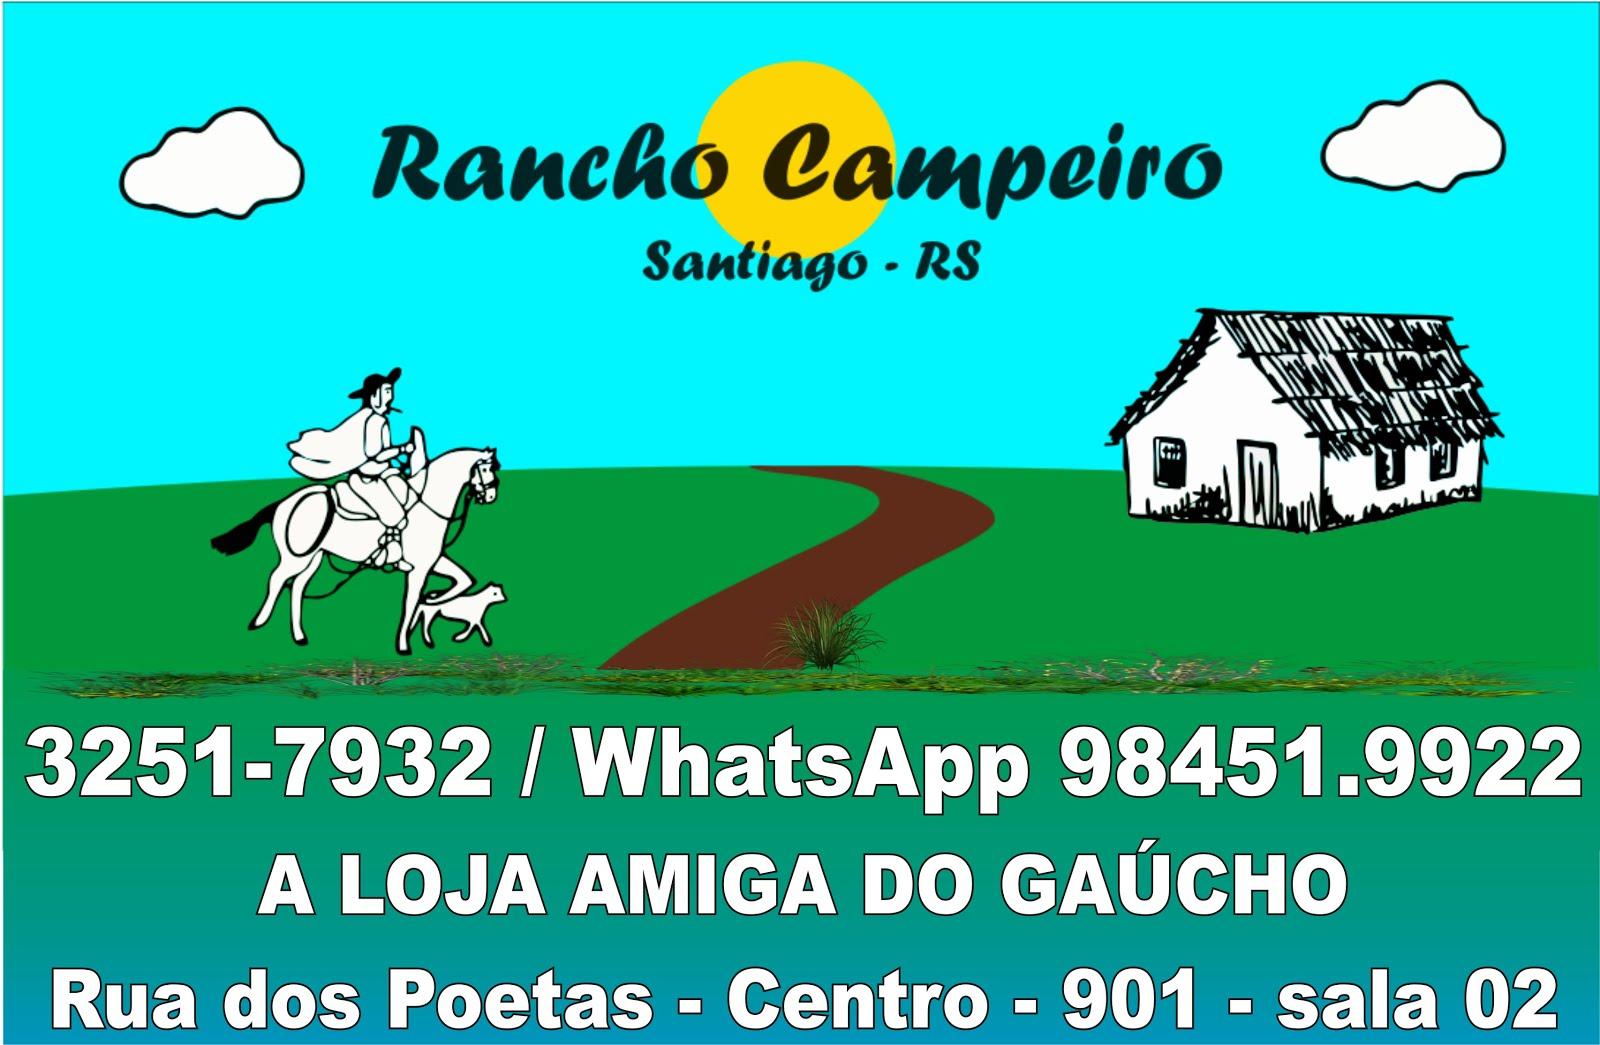 Rancho Campeiro